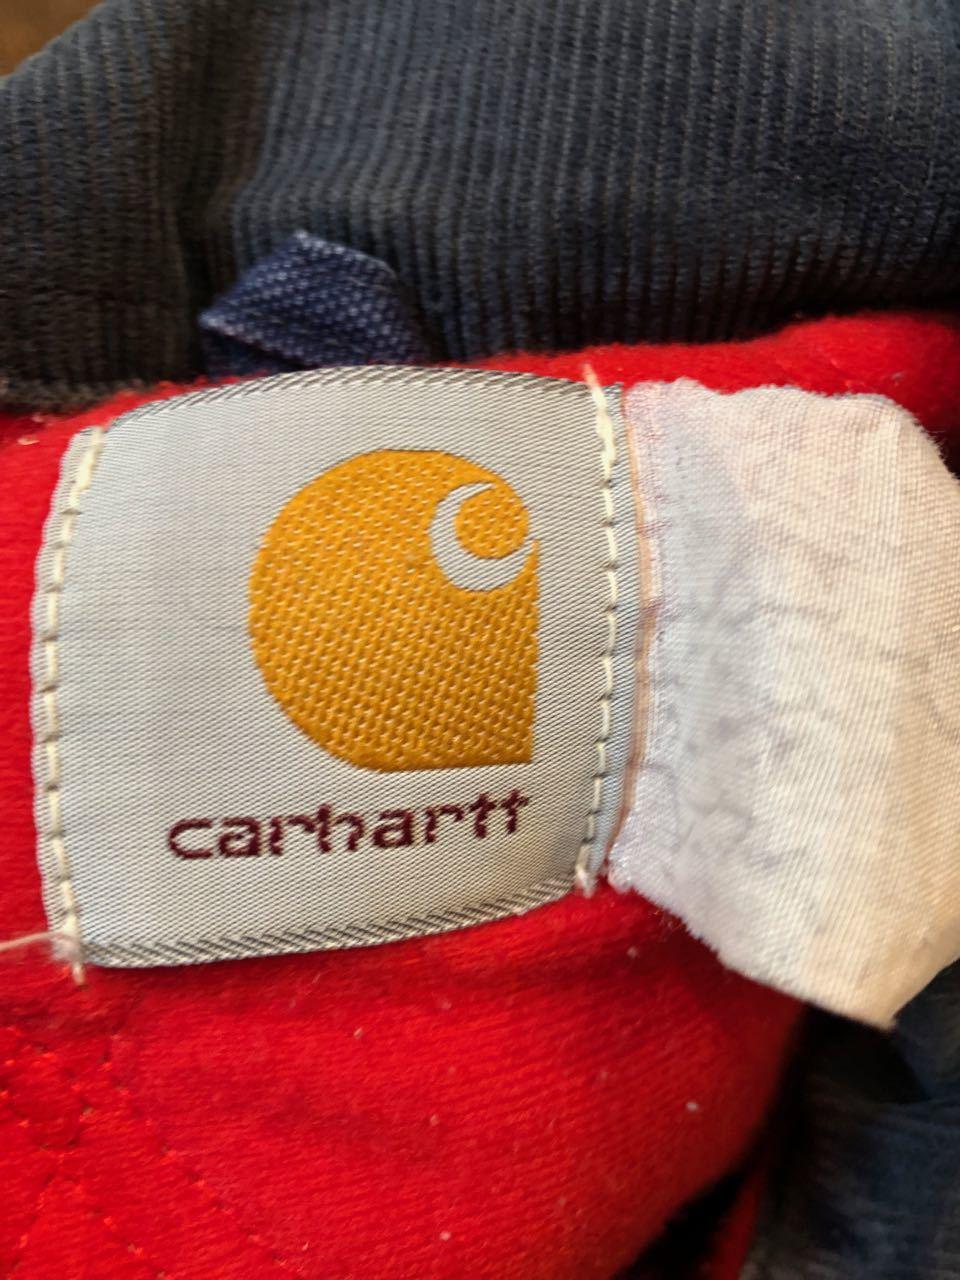 12月29日(土)入荷! 90s〜CARHARTT カーハート NAVY DUCK ジャケット!_c0144020_20030929.jpg